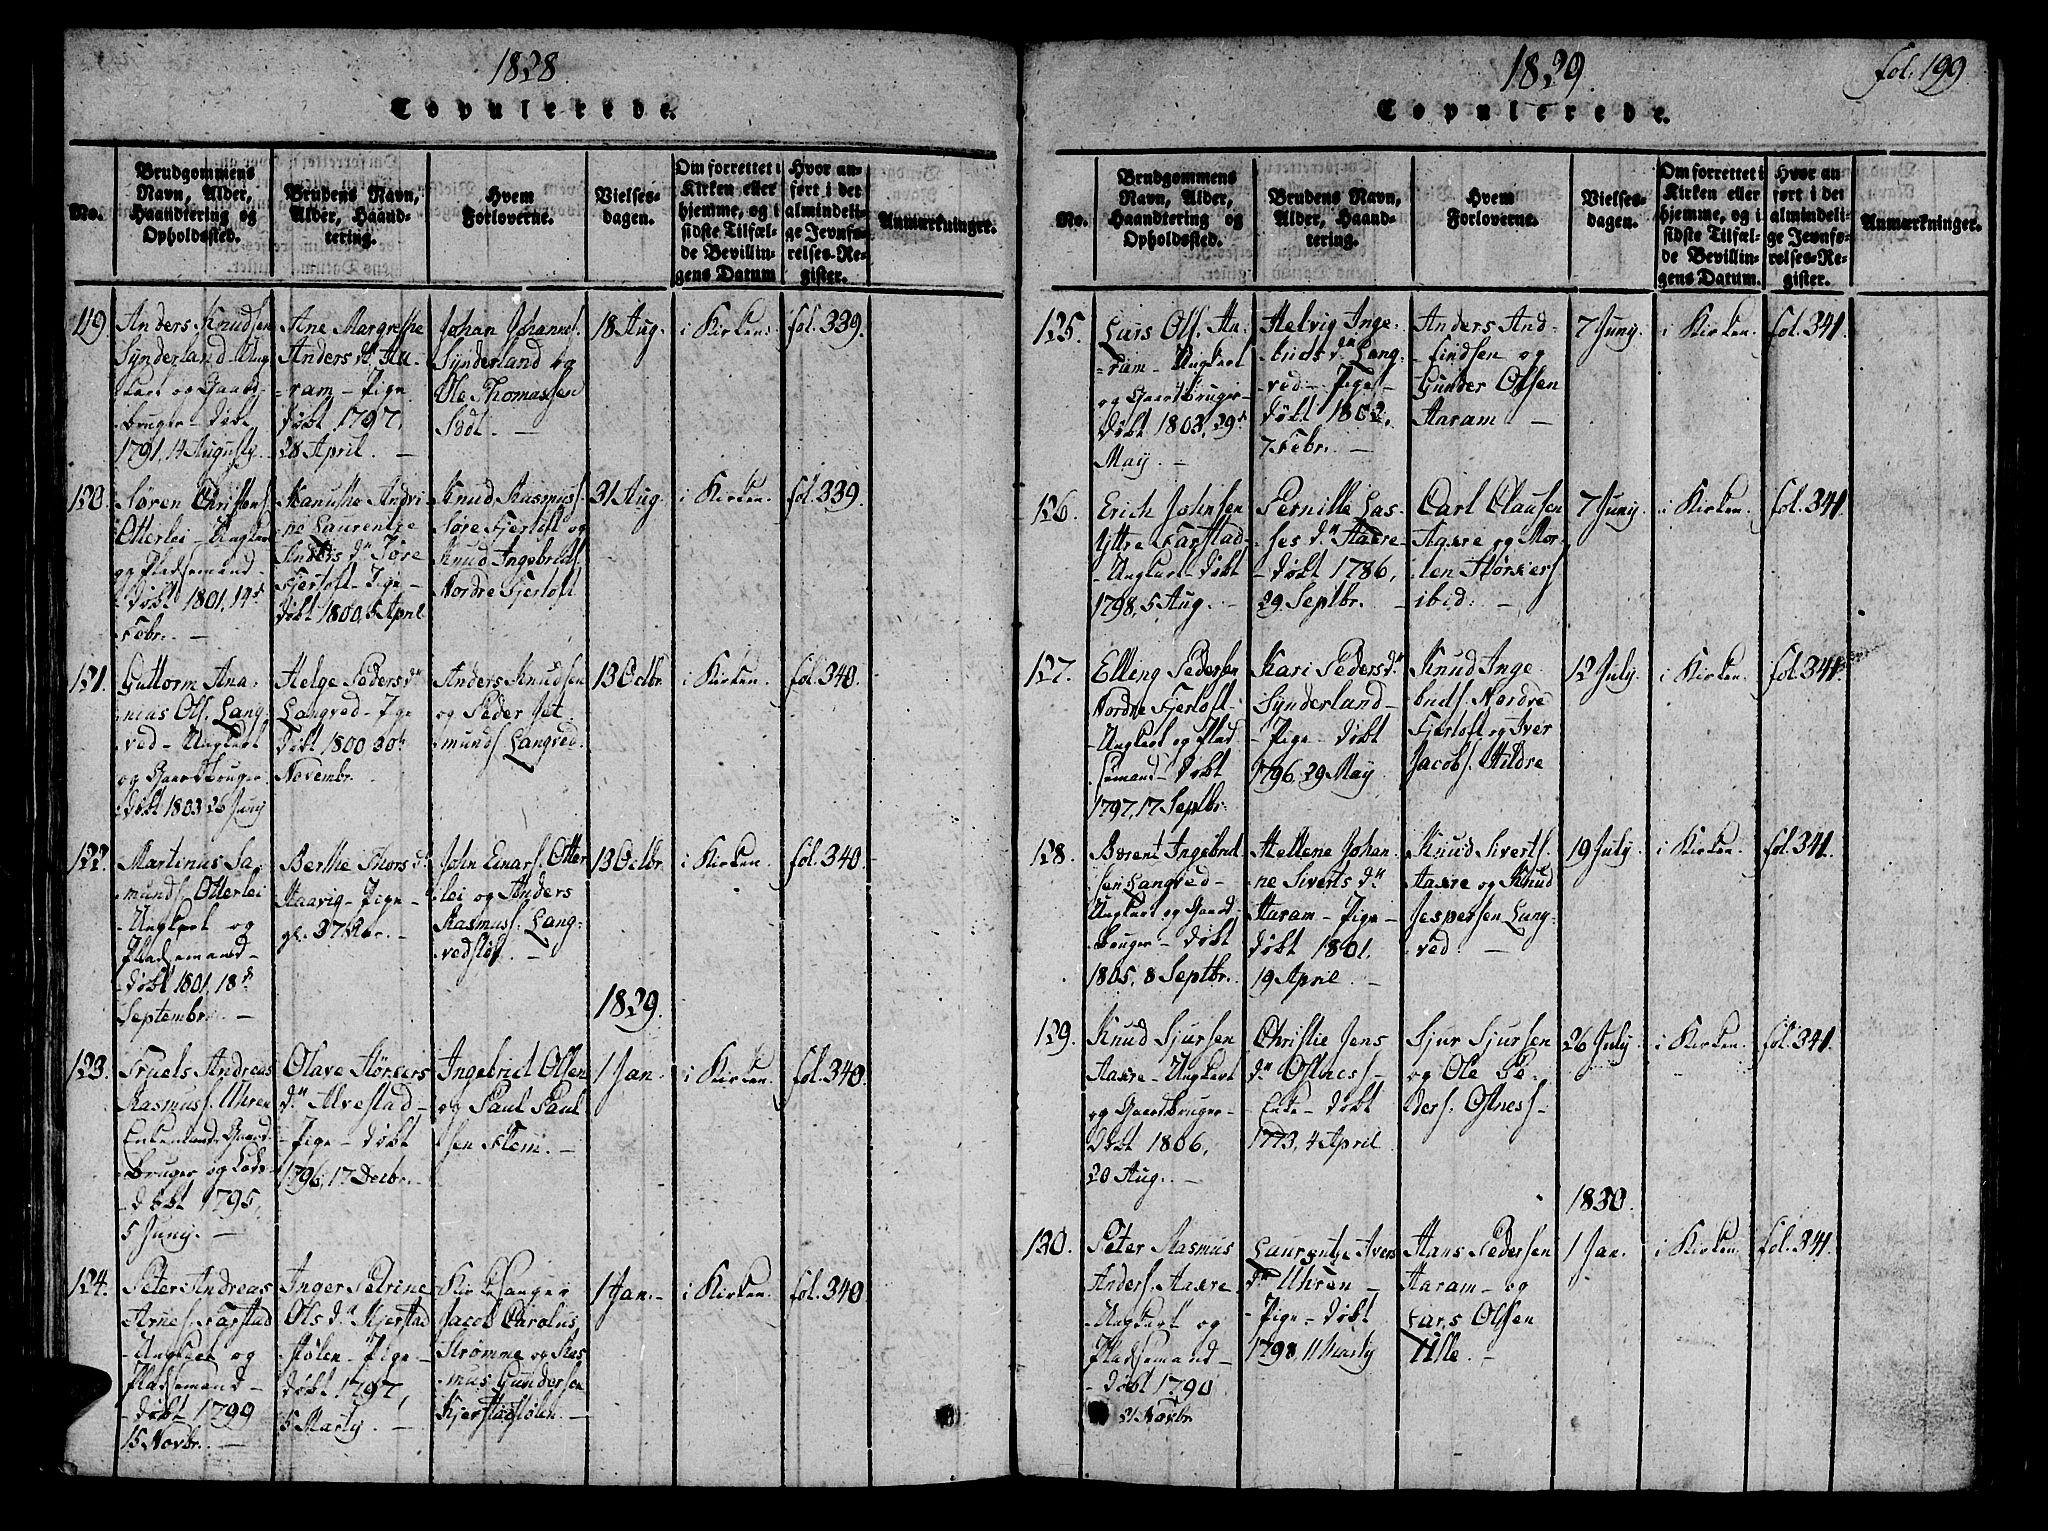 SAT, Ministerialprotokoller, klokkerbøker og fødselsregistre - Møre og Romsdal, 536/L0495: Ministerialbok nr. 536A04, 1818-1847, s. 199